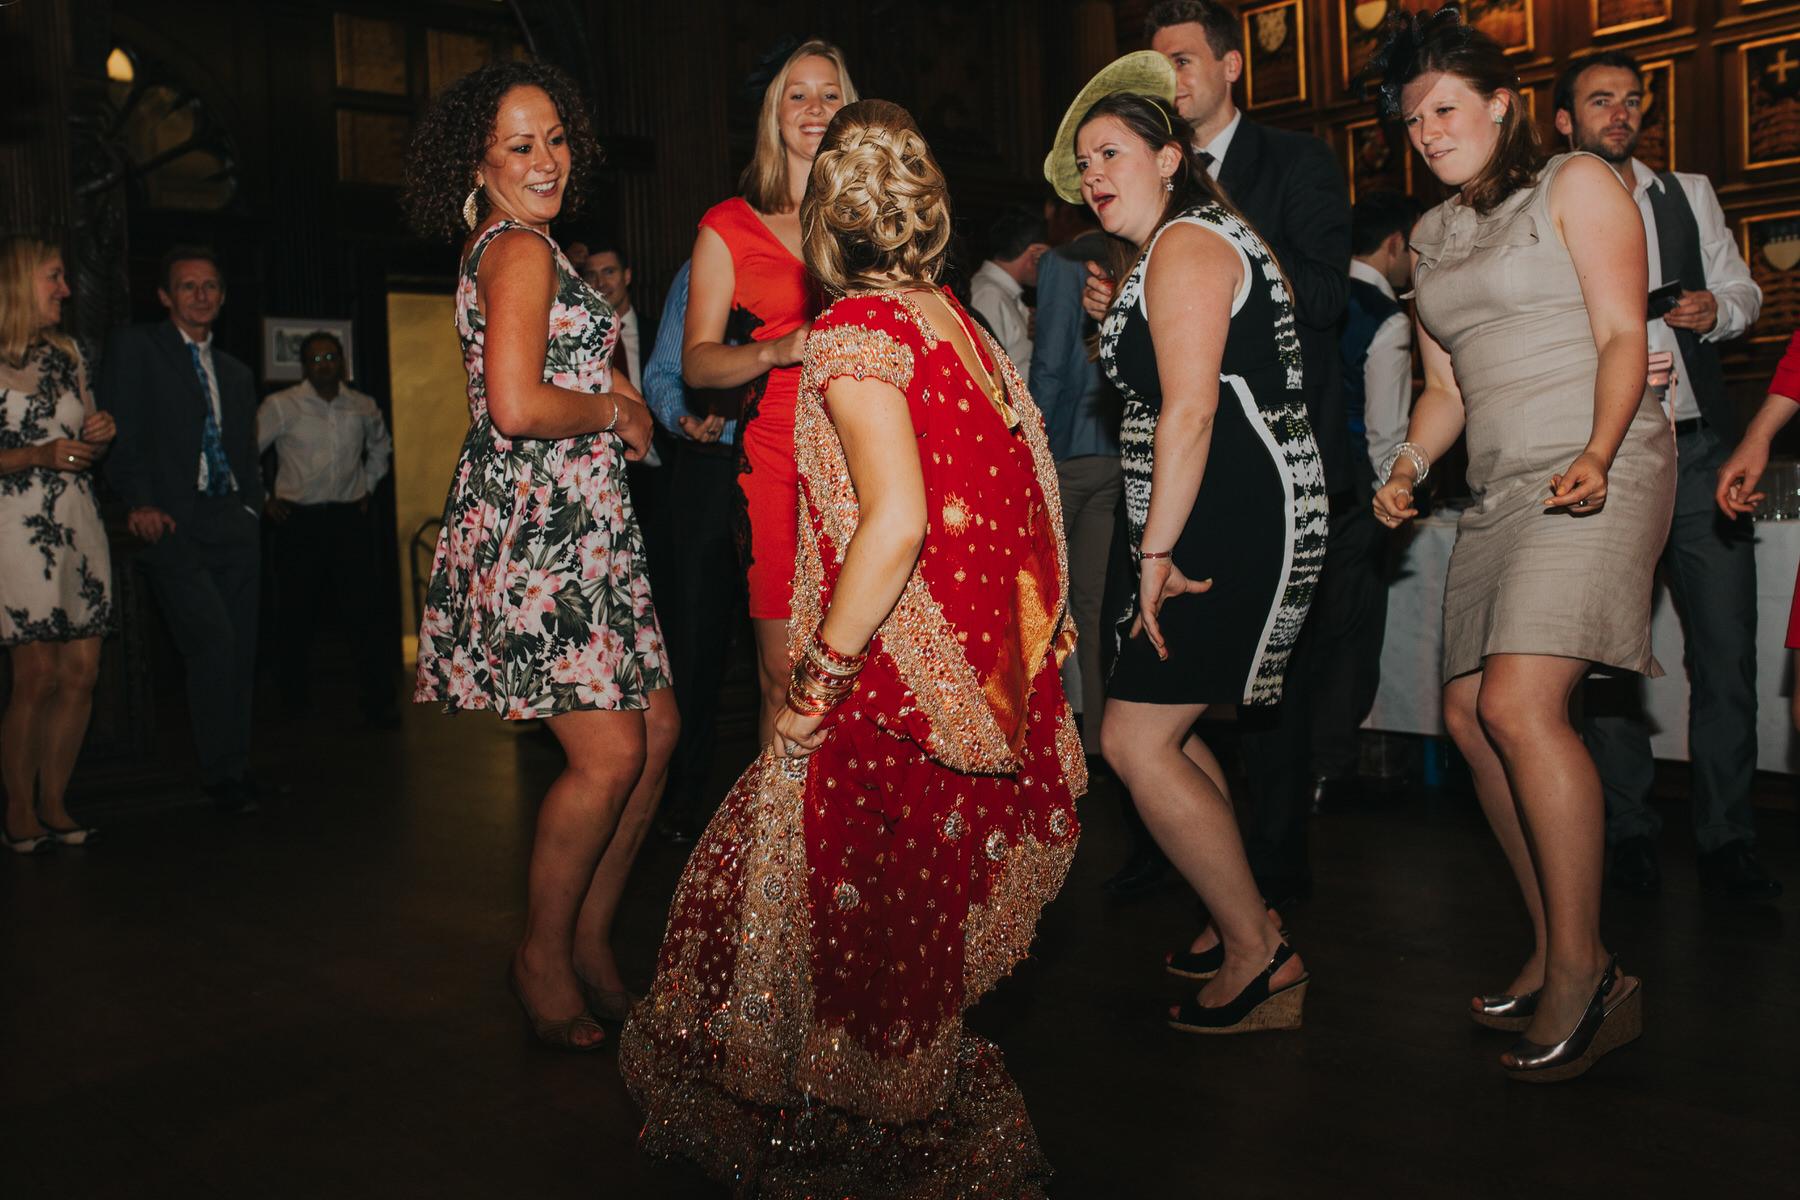 235-bride-dancing-red-sari-wedding-guests.jpg